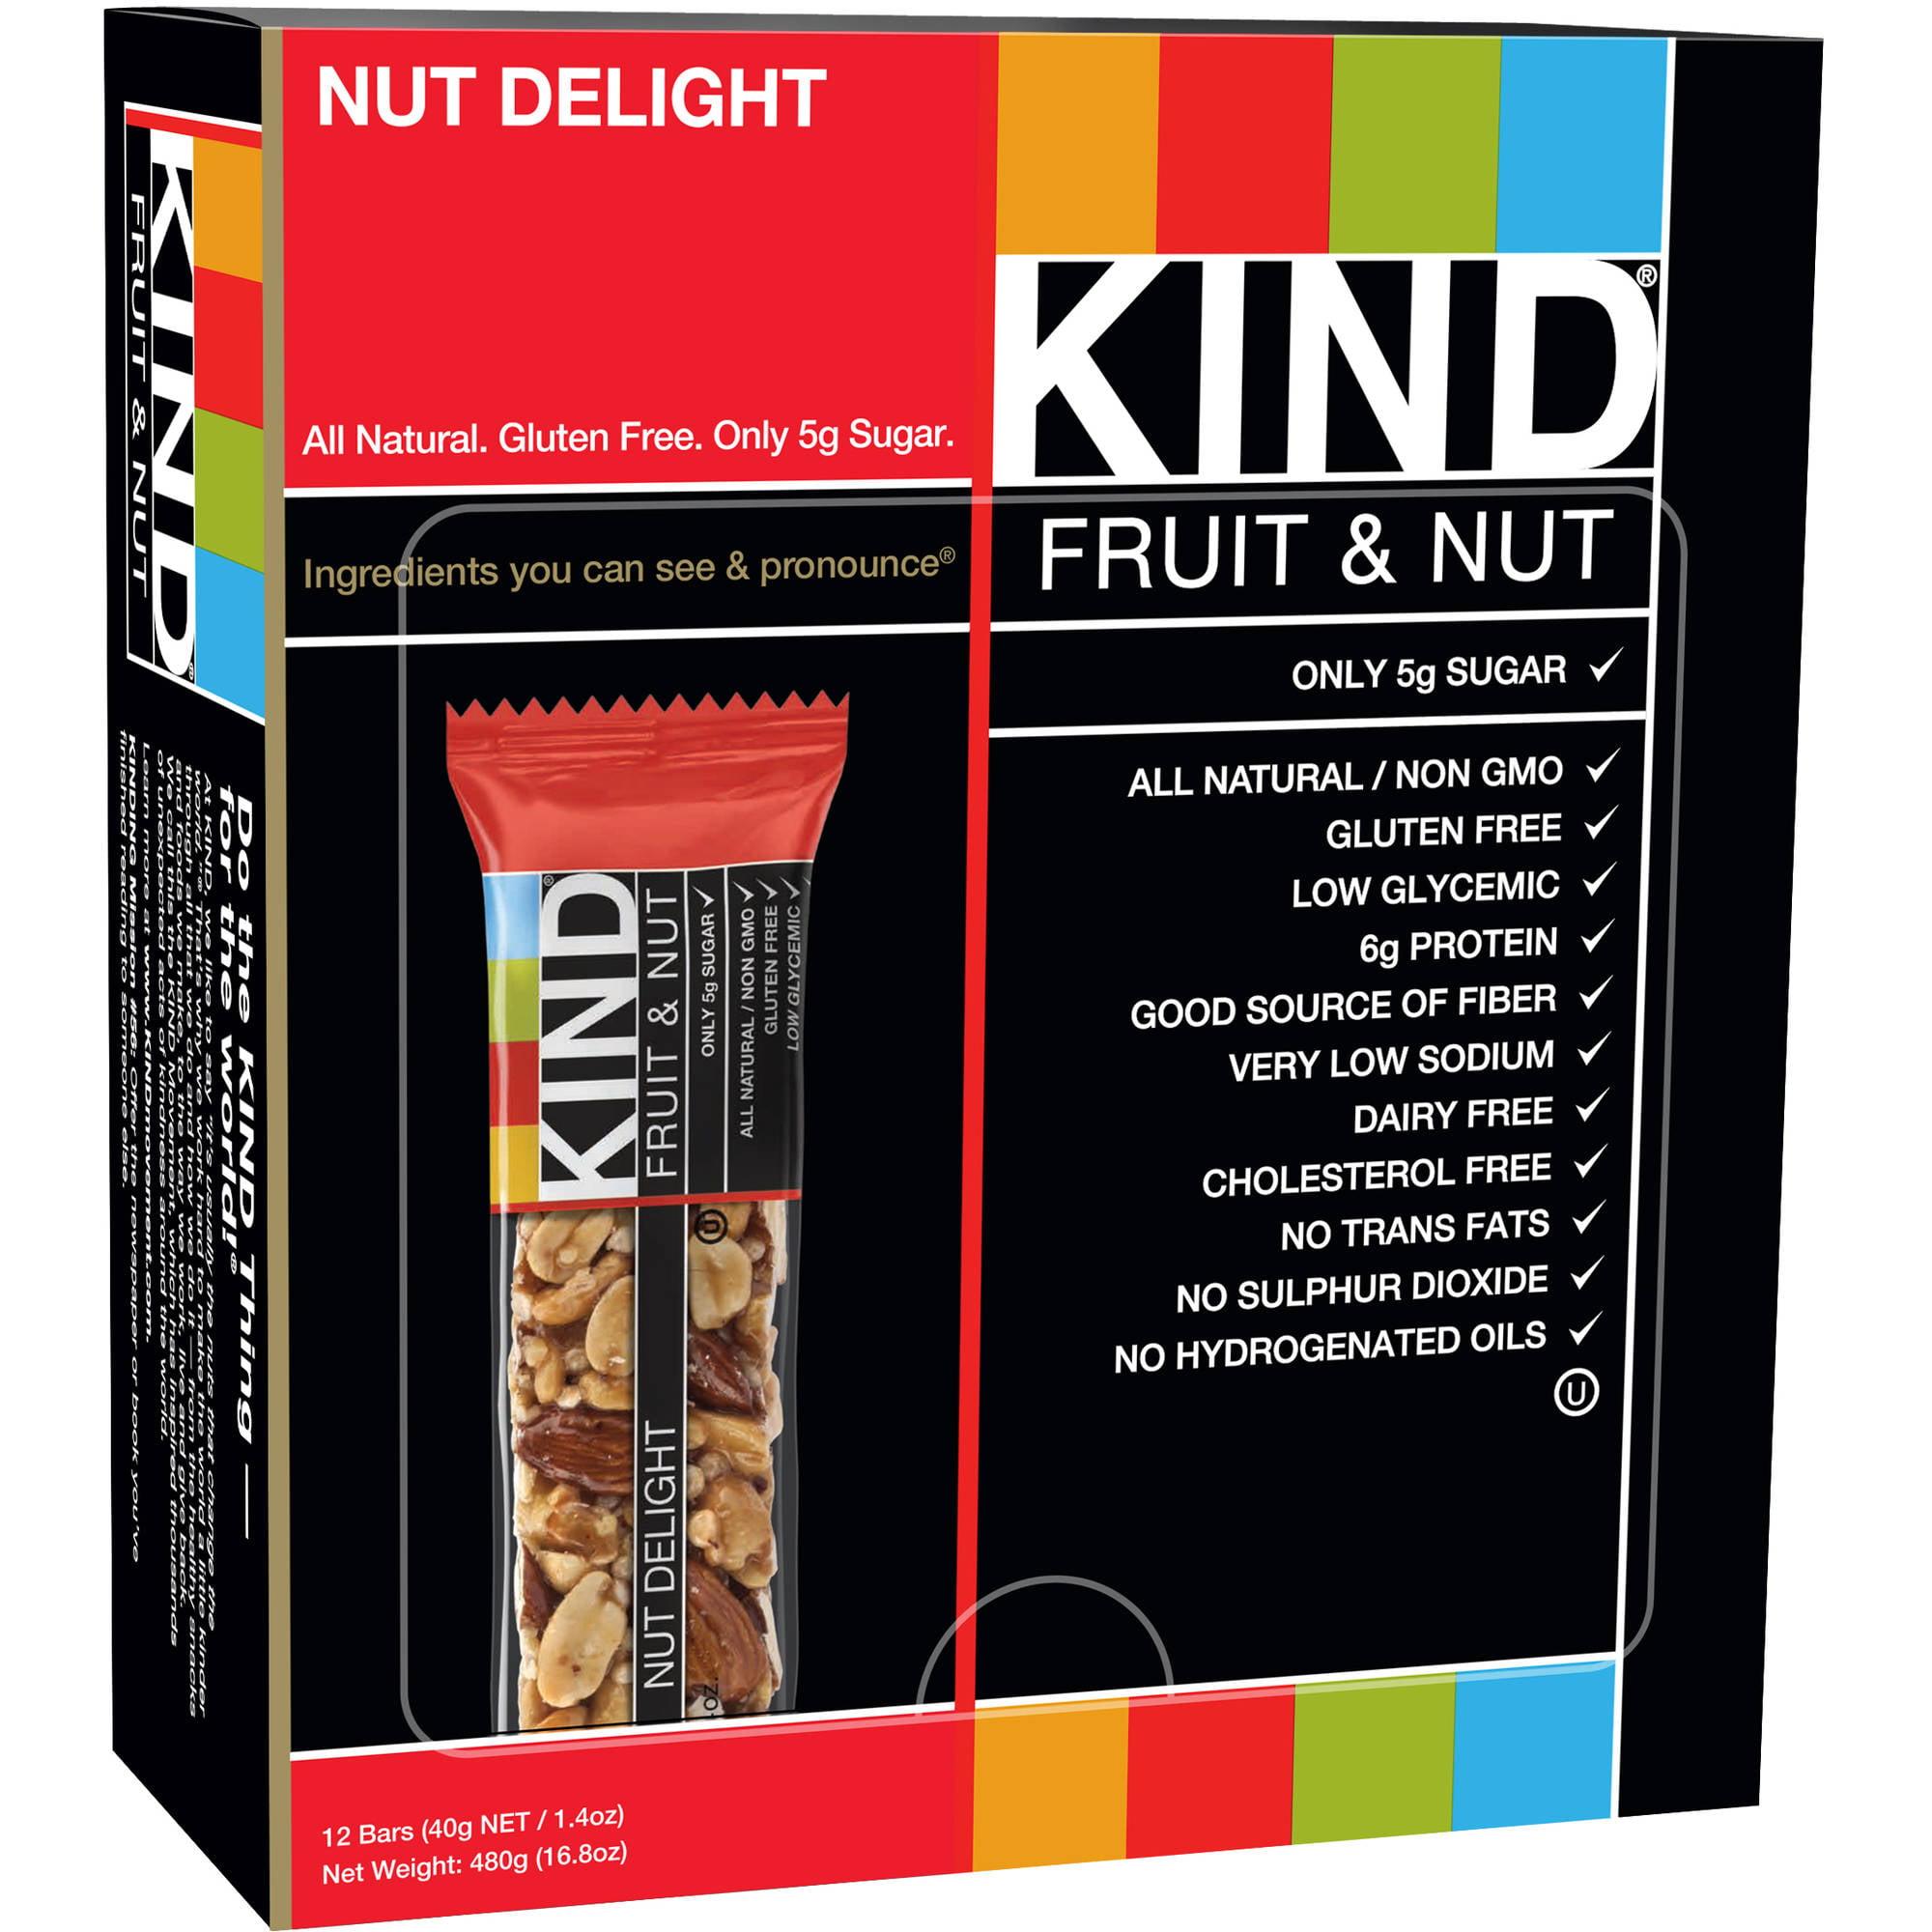 KIND Fruit & Nut Bars, Nut Delight, 1.4 oz, 12 Count